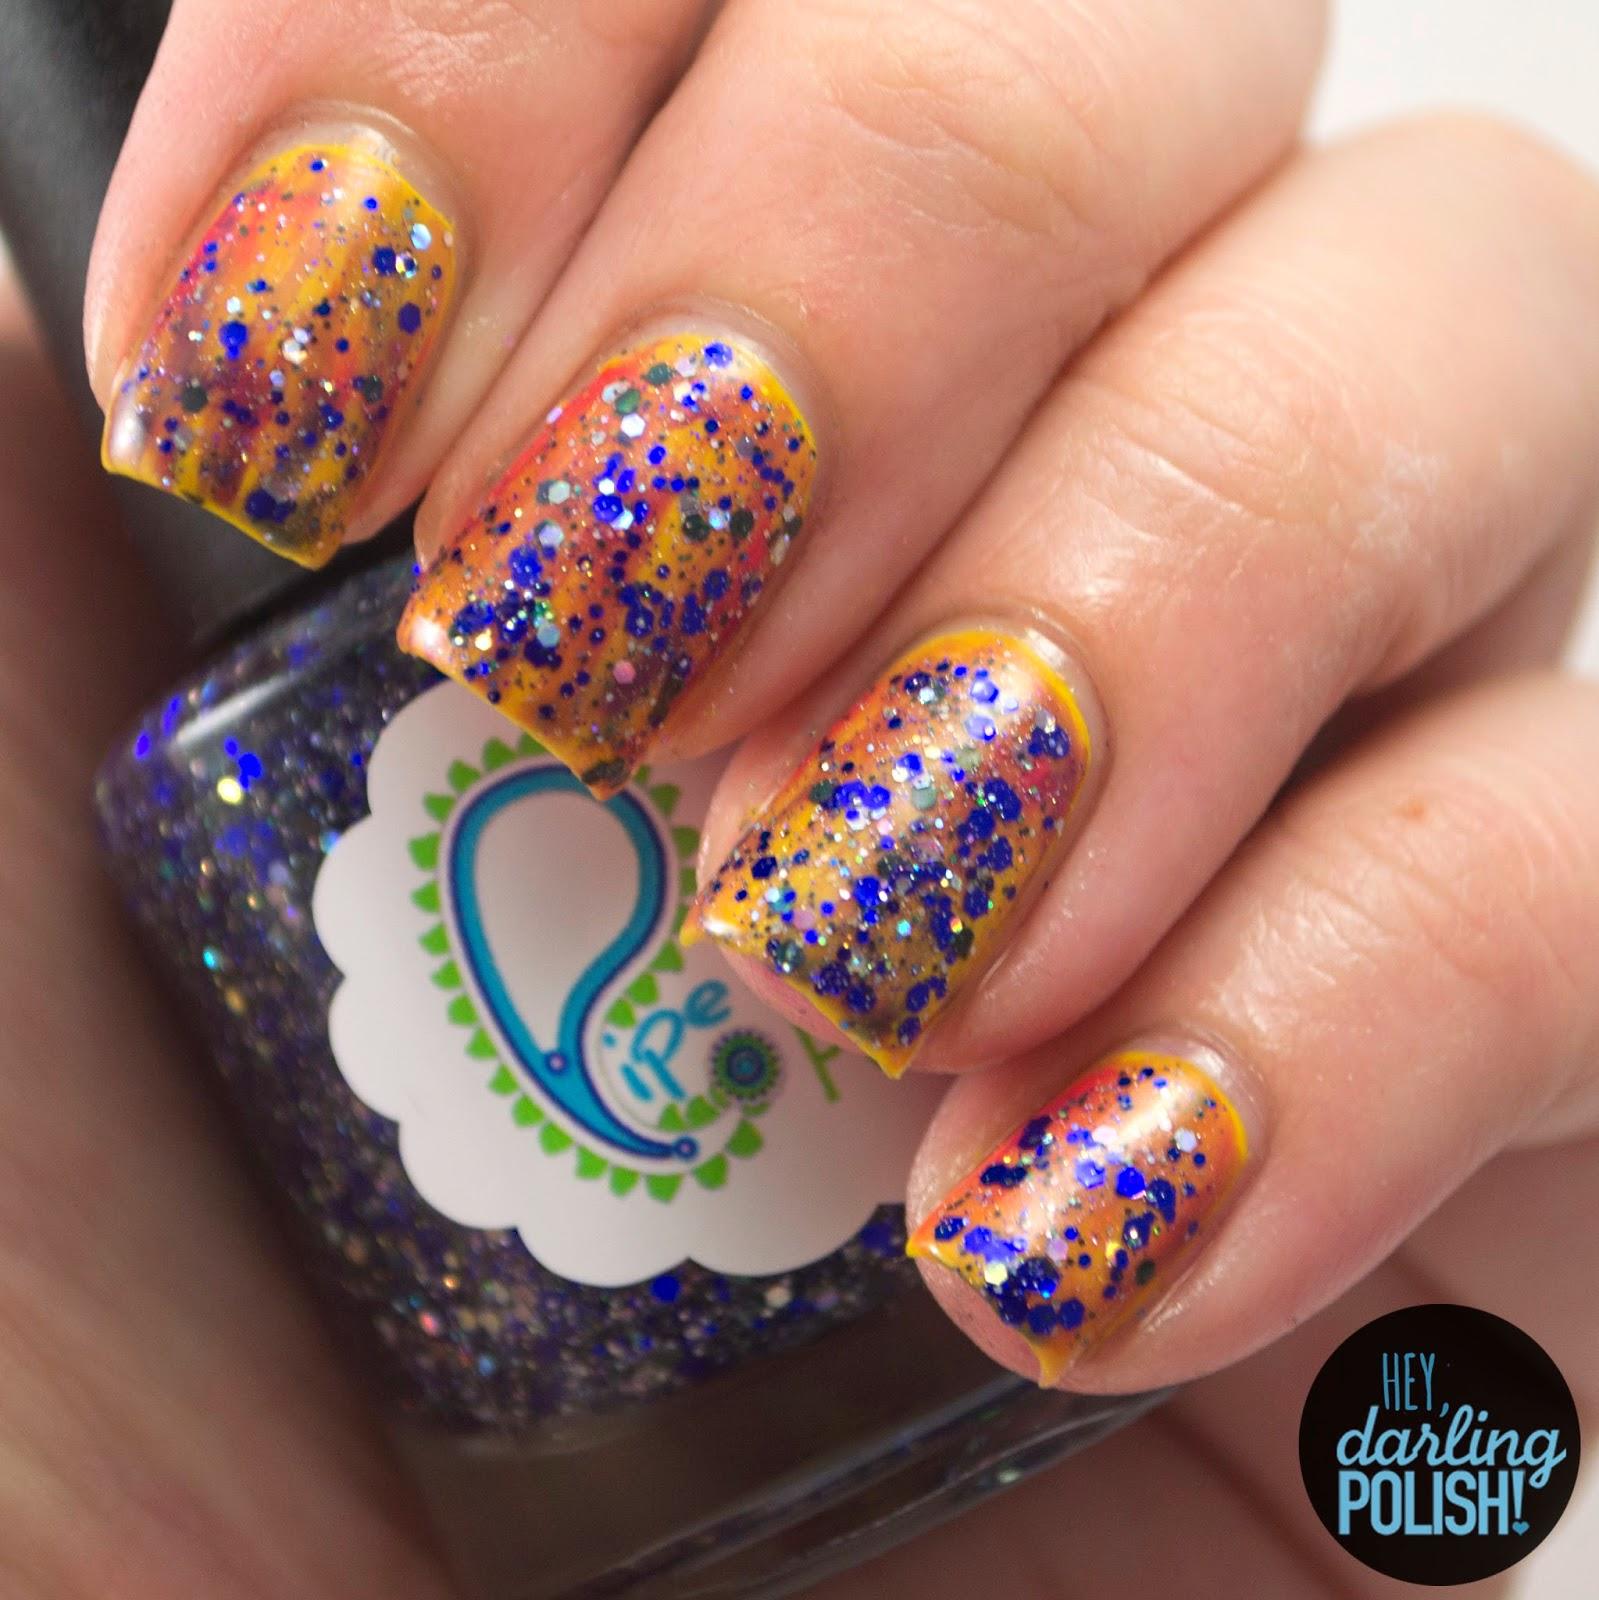 nails, nail art, nail polish, polish, indie, indie nail polish, indie polish, glitter, tri polish challenge, hey darling polish